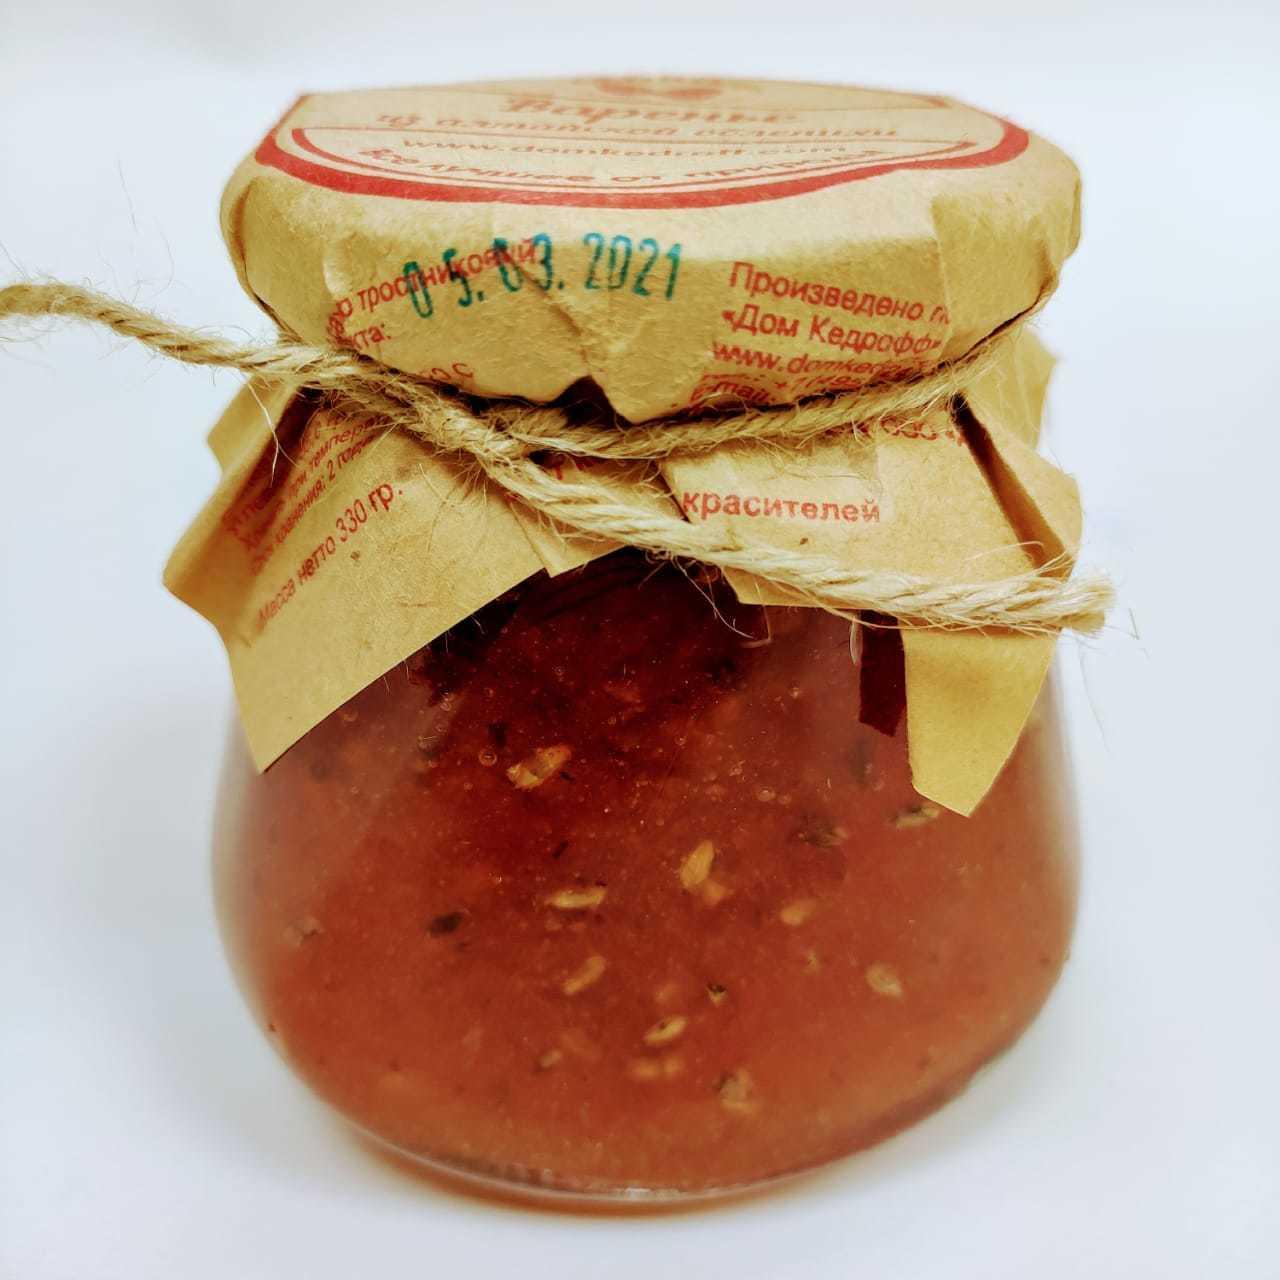 Сибирское варенье из диких ягод, 330г